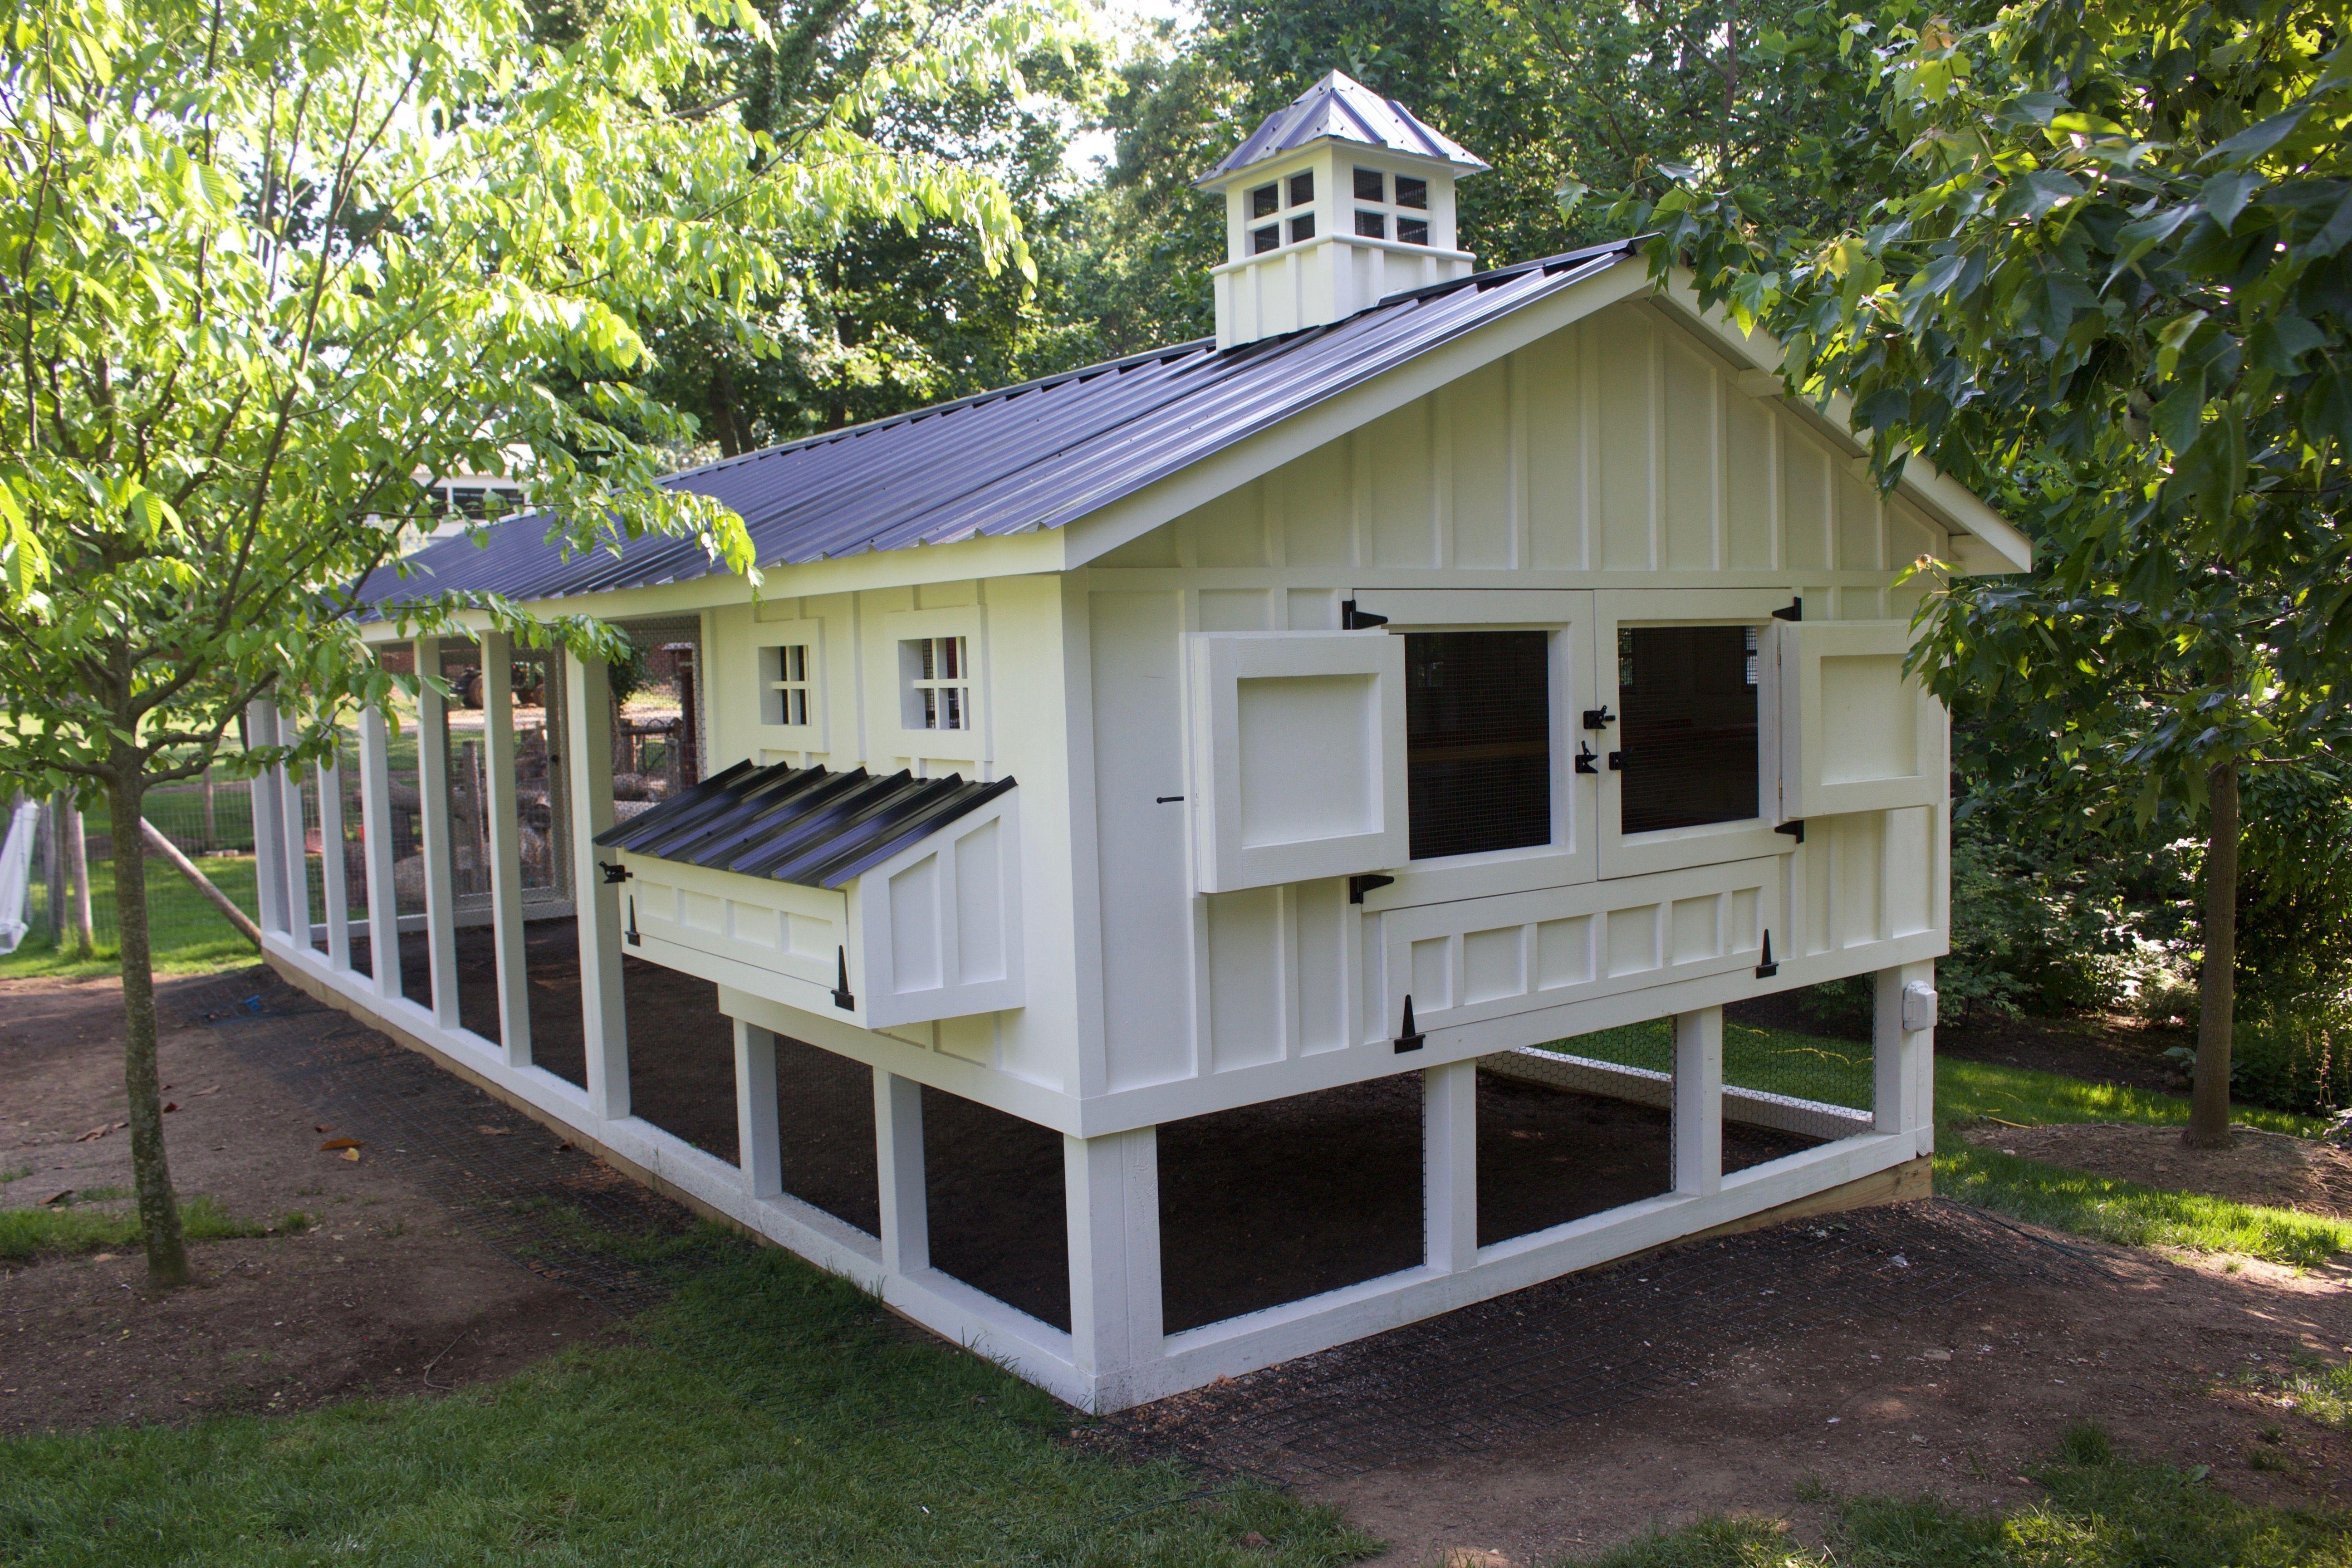 Building a diy chicken coop building a chicken coop